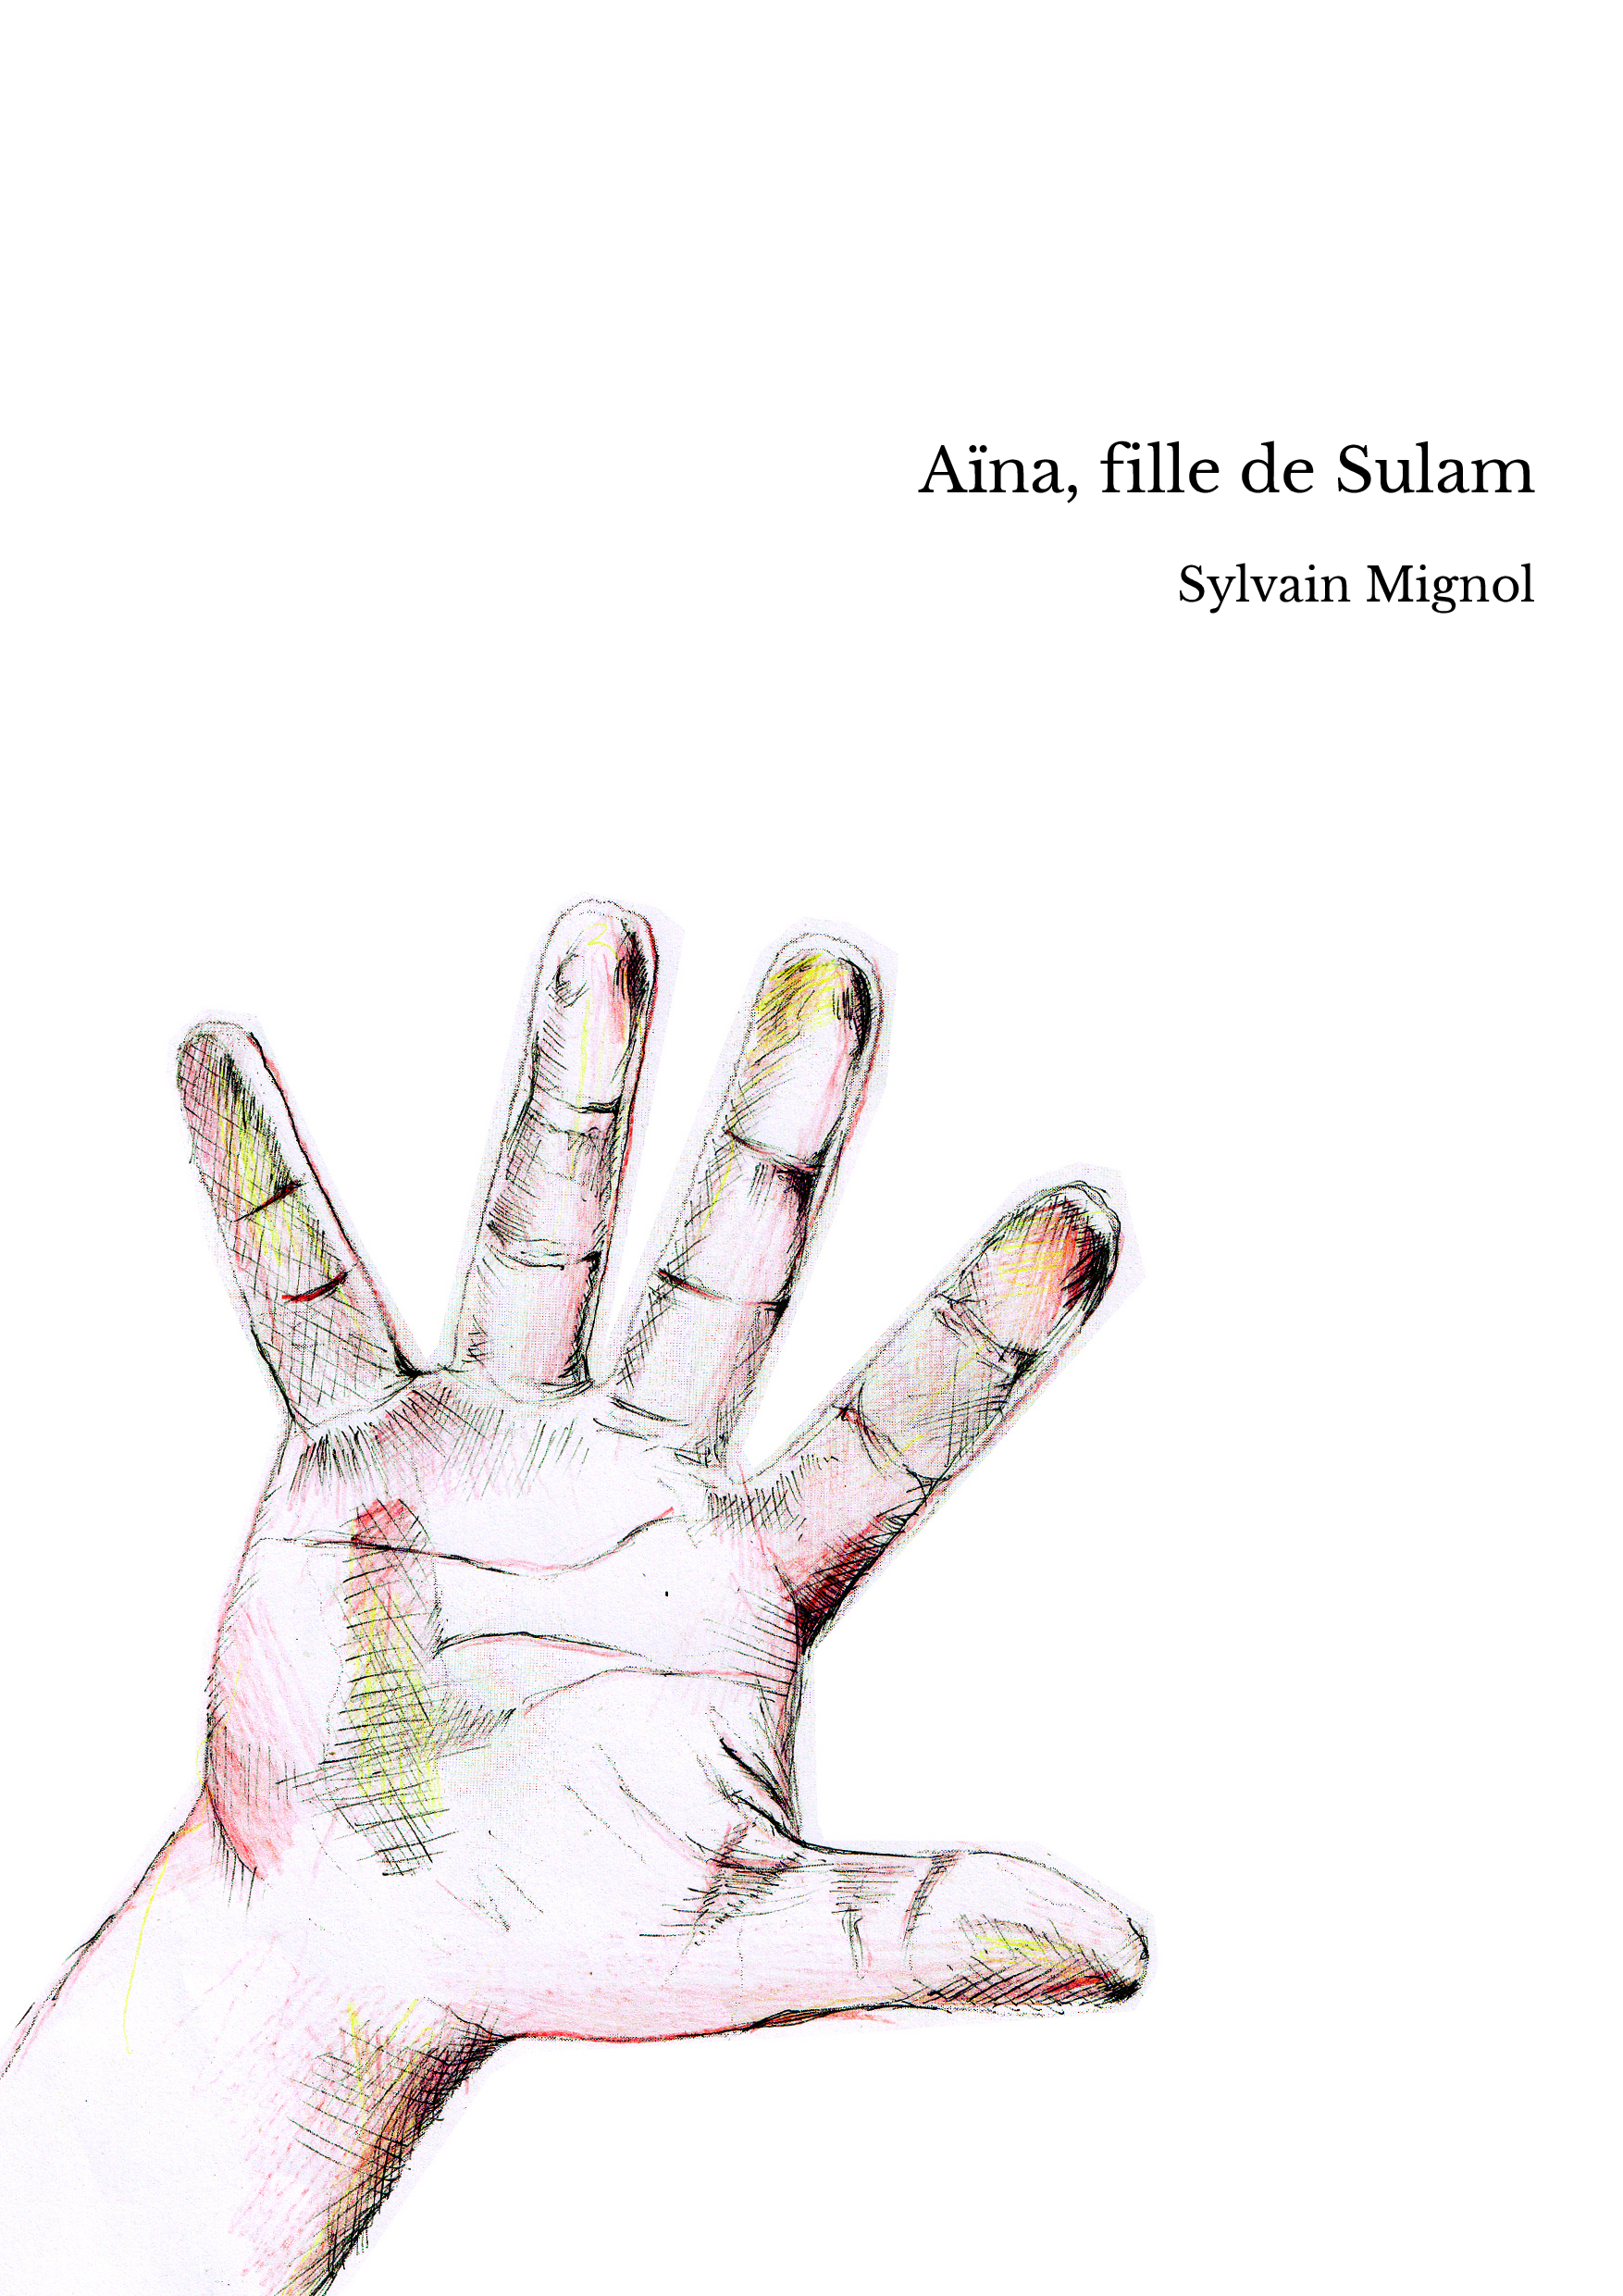 Aïna, fille de Sulam